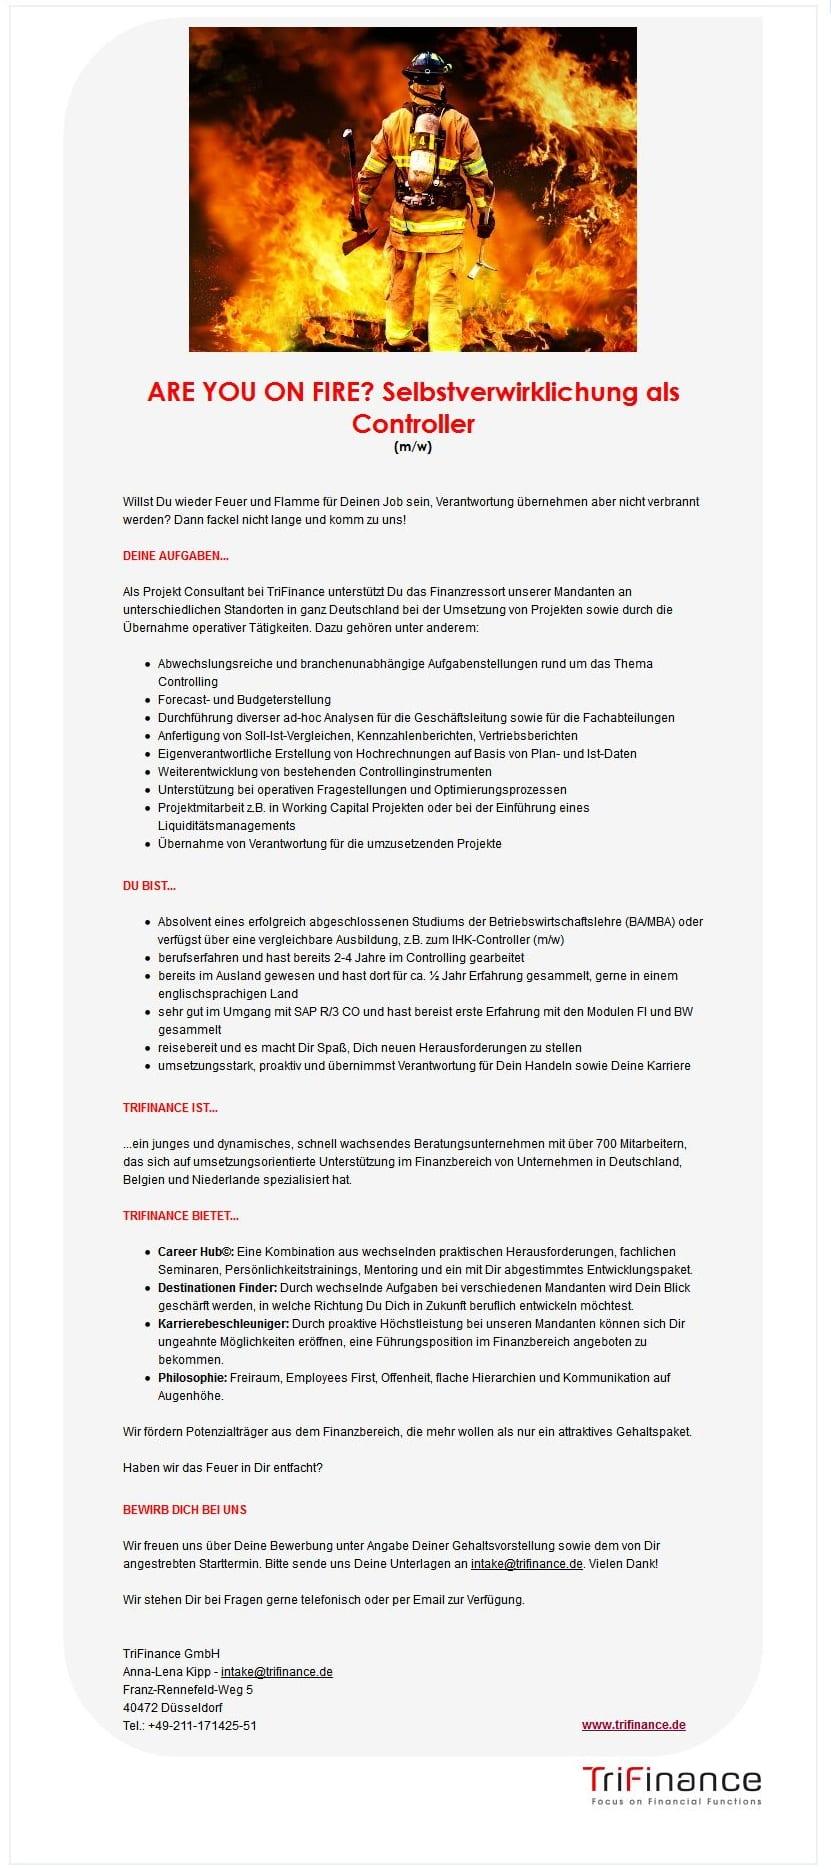 Ist das Stellenangebot Controller gutes Personalmarketing? - Quelle: Trifinance